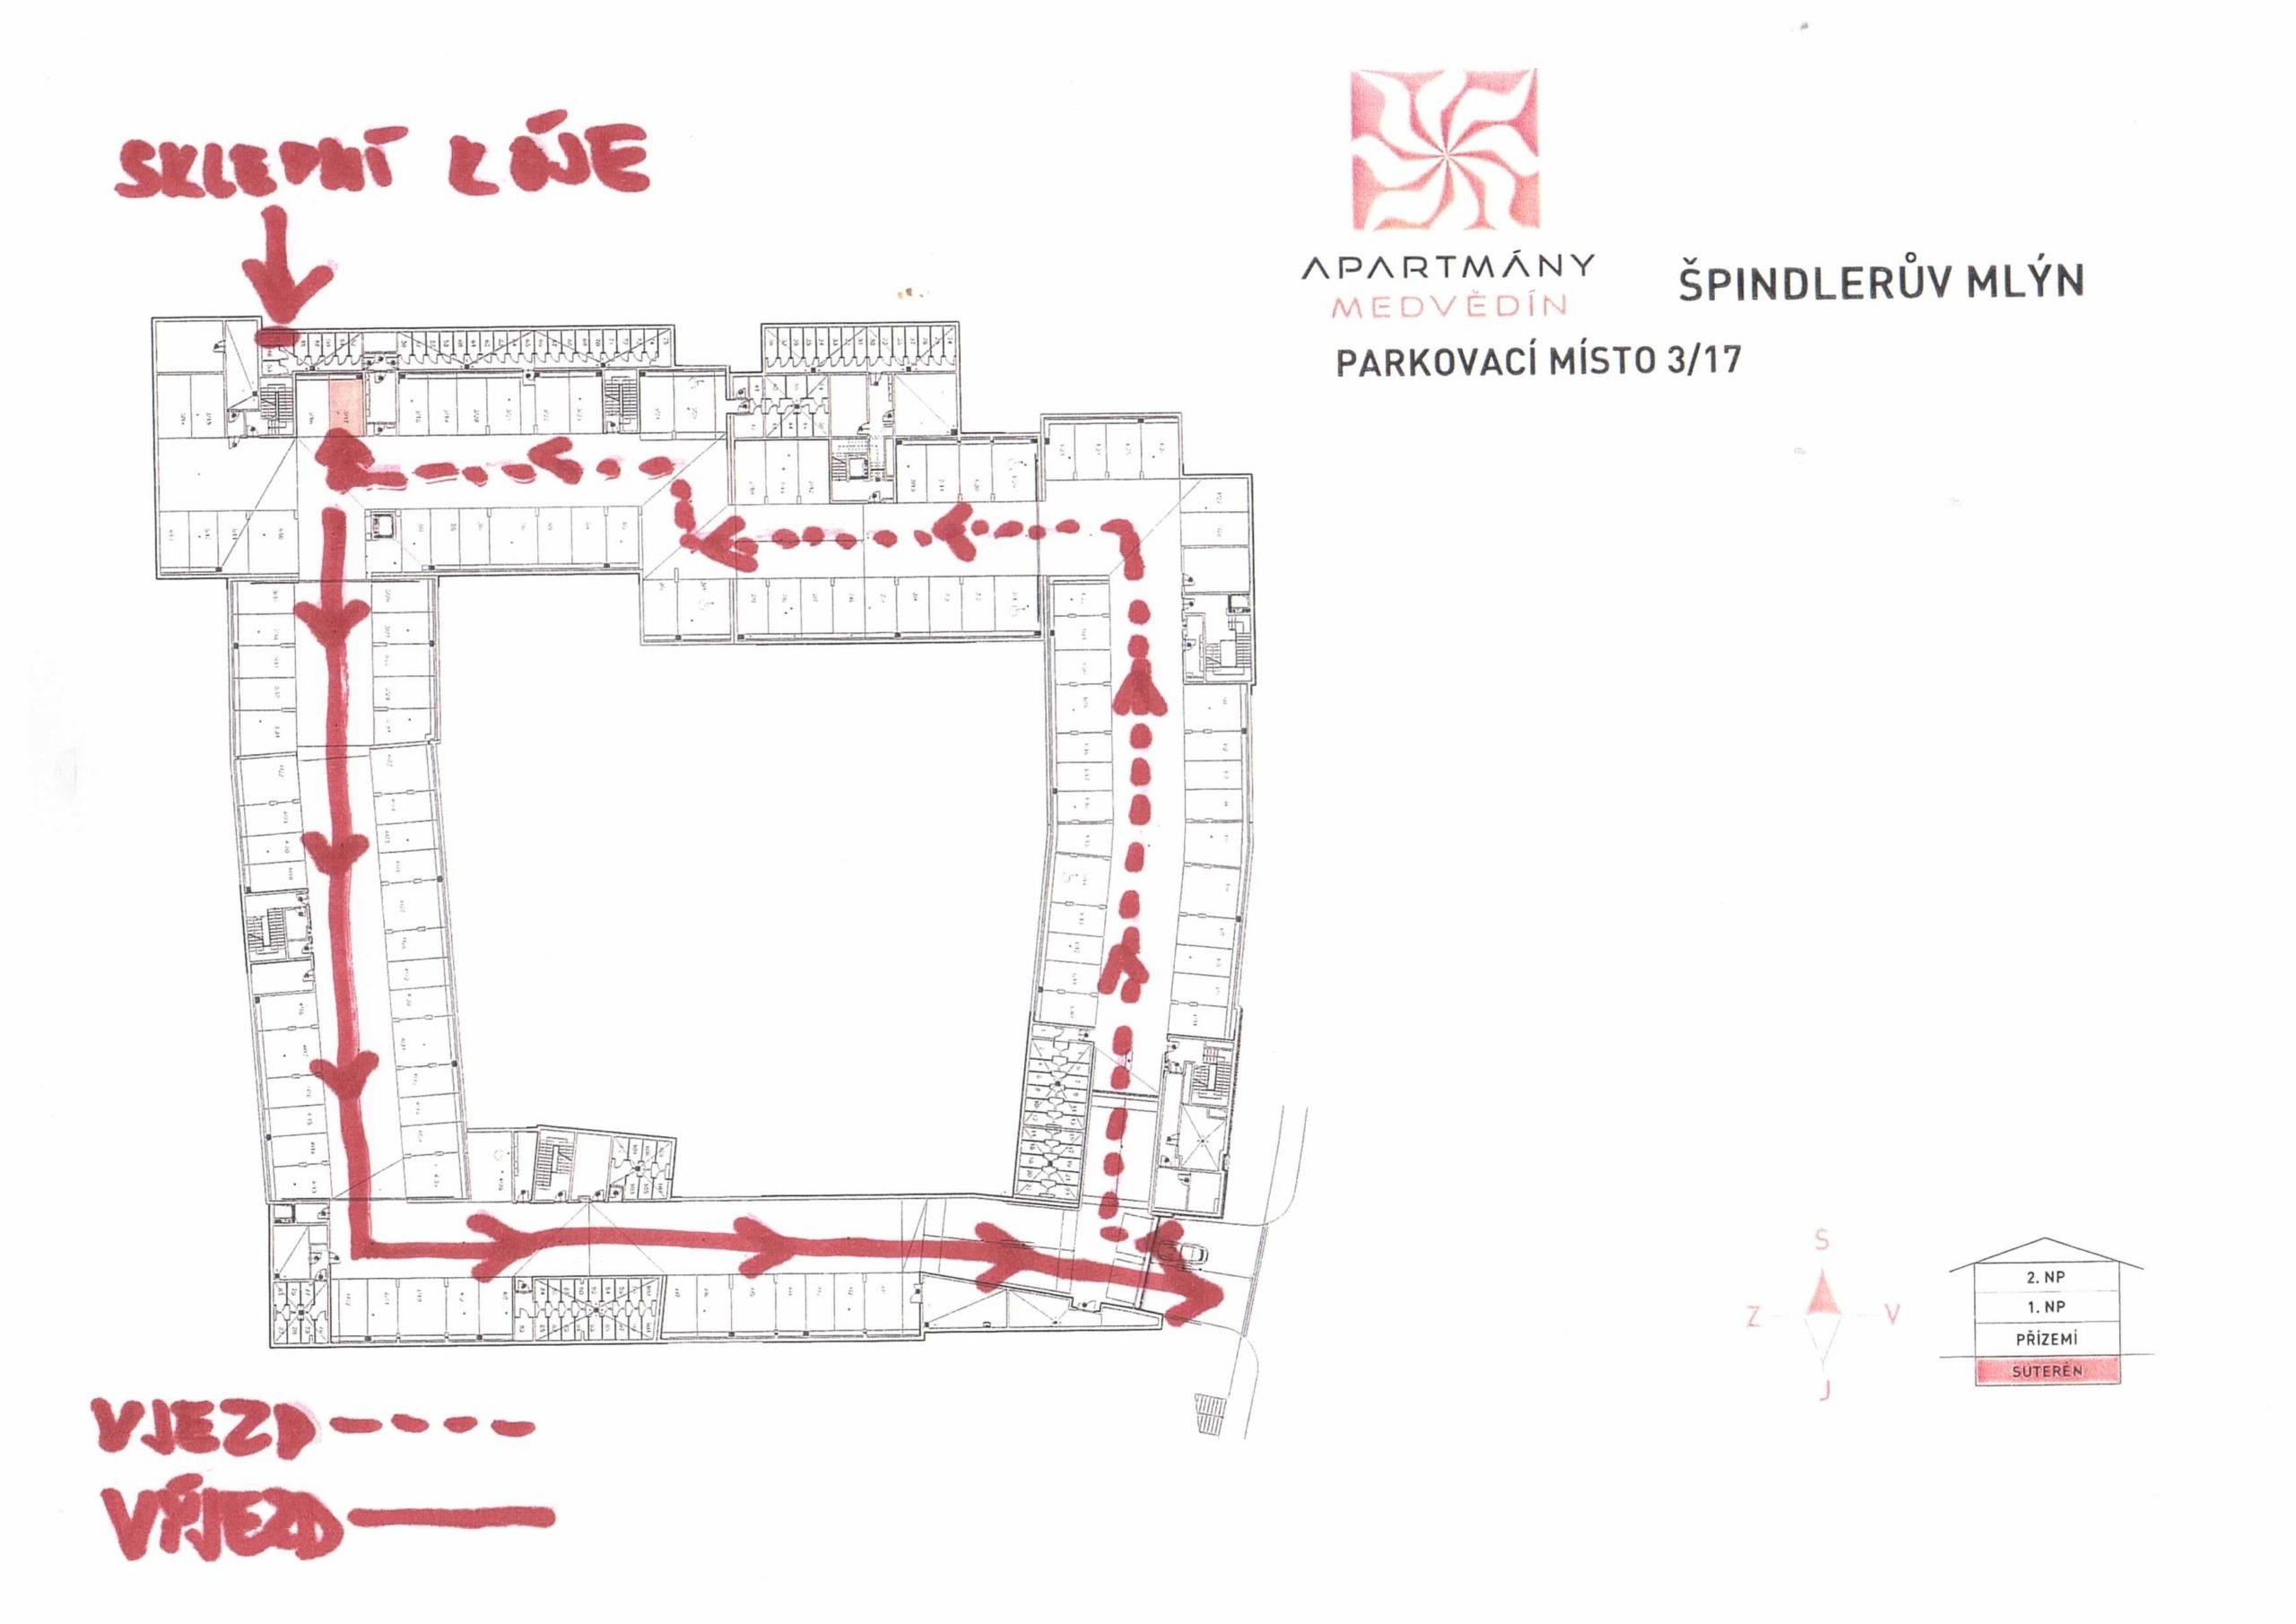 Orientační plánek pro správný směr vozidla v garáži apartmánu ve Špindlu.